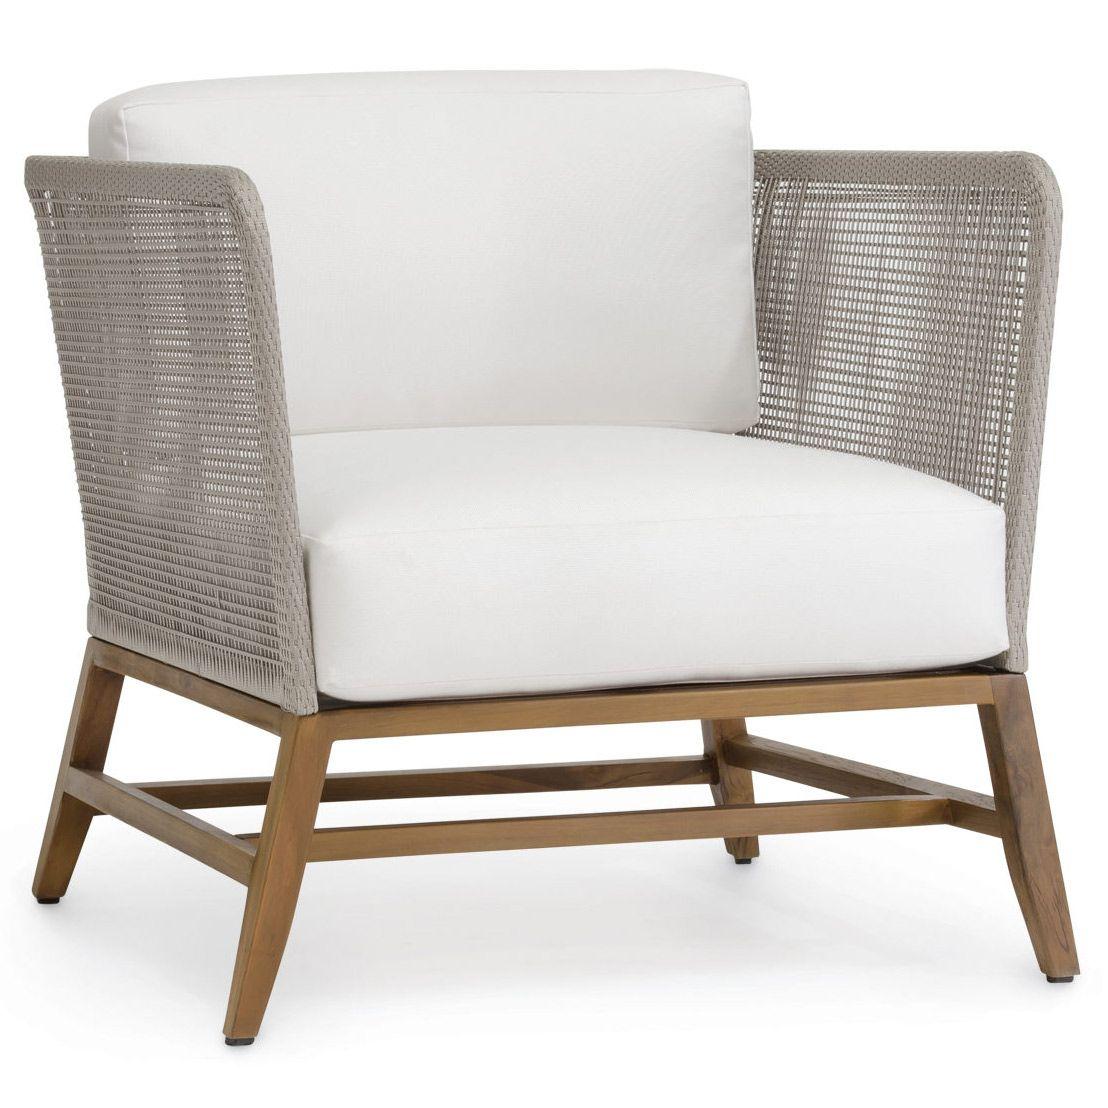 Palecek Avila Indoor/Outdoor Lounge Chair Zinc_Door